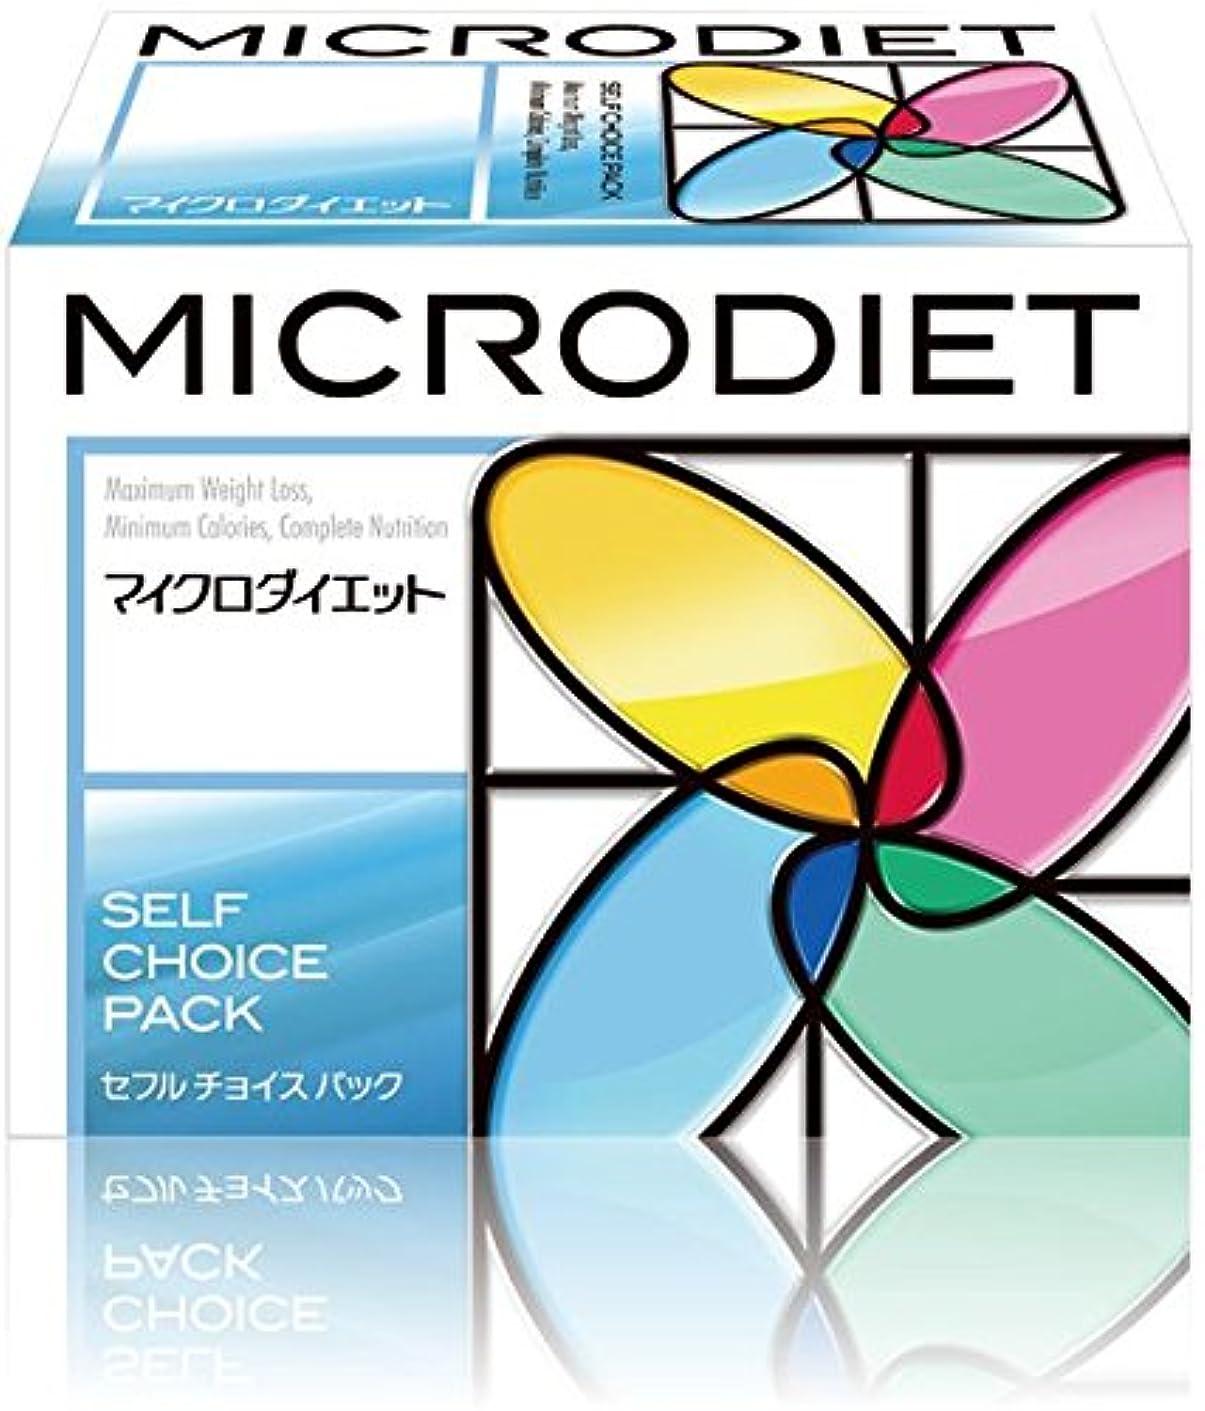 マイクロダイエット セルフチョイスパック14食(07227)